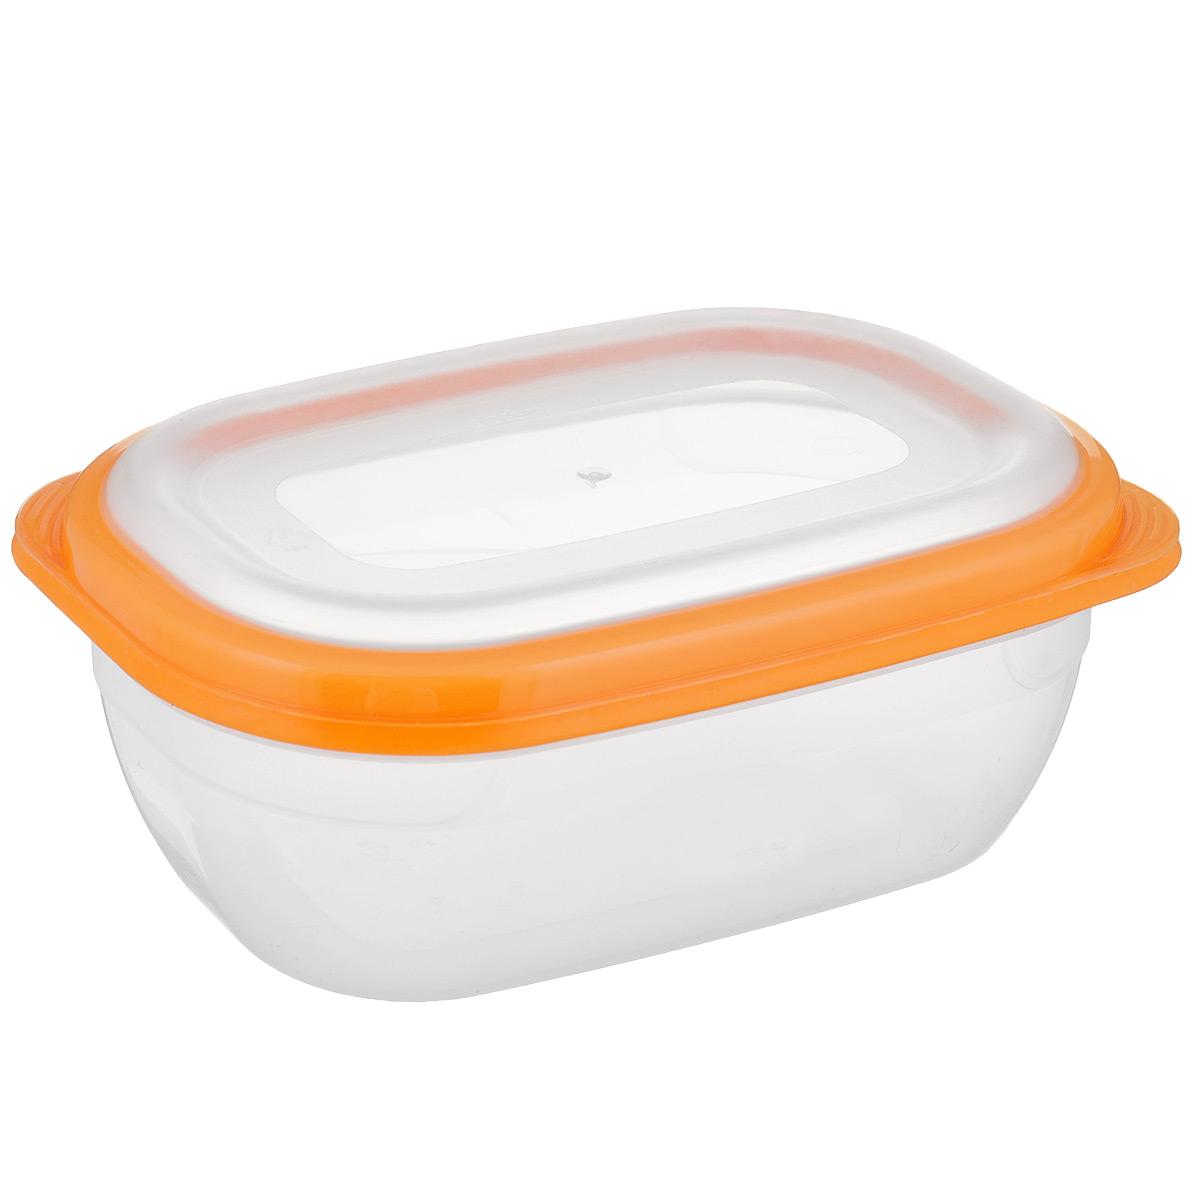 Контейнер для СВЧ Полимербыт Премиум, цвет: оранжевый, прозрачный, 0,5 лFS-91909Прямоугольный контейнер для СВЧ Полимербыт Премиум изготовлен из высококачественного прочного пластика, устойчивого к высоким температурам (до +110°С). Крышка плотно и герметично закрывается, дольше сохраняя продукты свежими и вкусными. Контейнер идеально подходит для хранения пищи, его удобно брать с собой на работу, учебу, пикник или просто использовать для хранения пищи в холодильнике.Подходит для разогрева пищи в микроволновой печи и для заморозки в морозильной камере (при минимальной температуре -40°С). Можно мыть в посудомоечной машине.